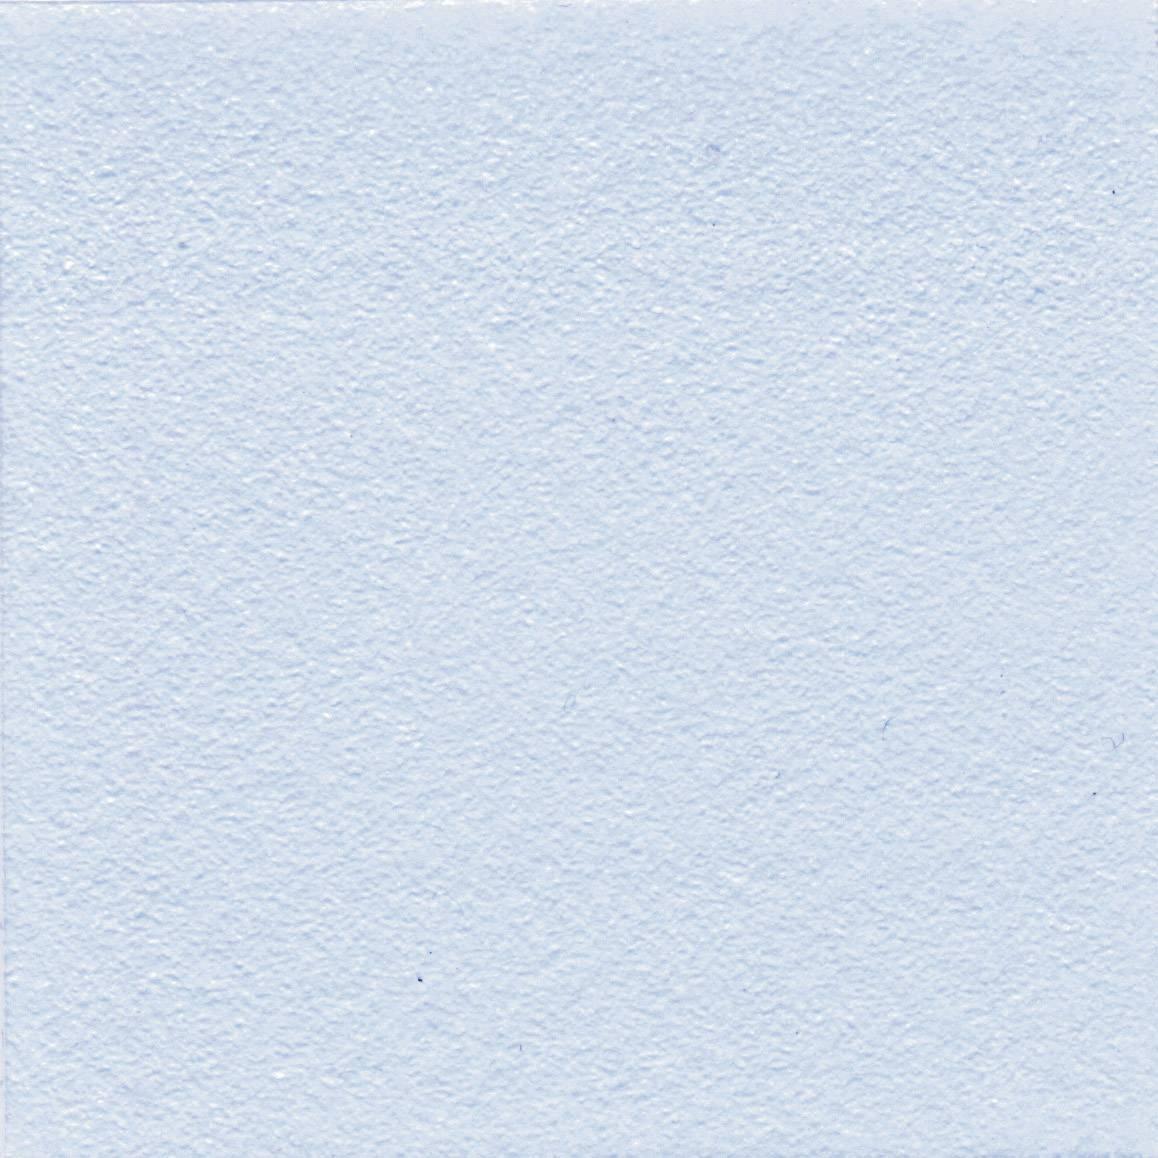 Teplovodivá fólie SoftthermR 86/300 50x50x1 mm